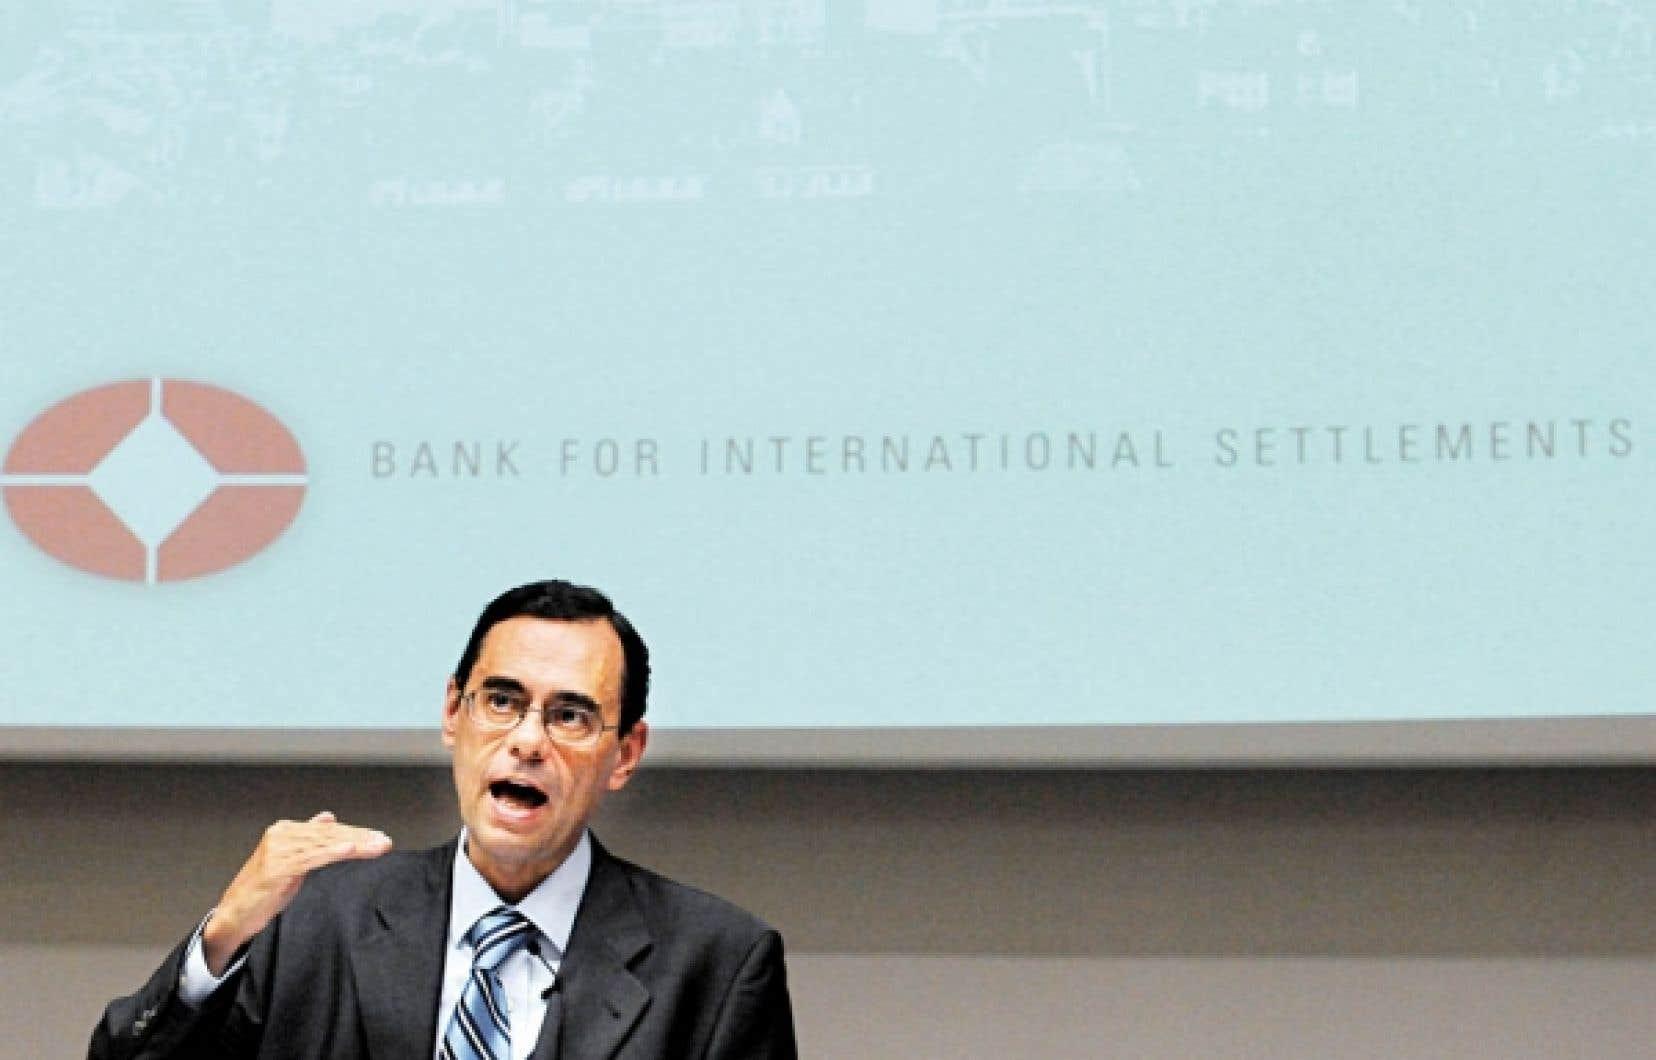 «L'ampleur des problèmes budgétaires et la situation des systèmes bancaires variant selon les économies, il n'existe pas de remède universel», a reconnu le directeur général de la BRI, Jaime Caruana.